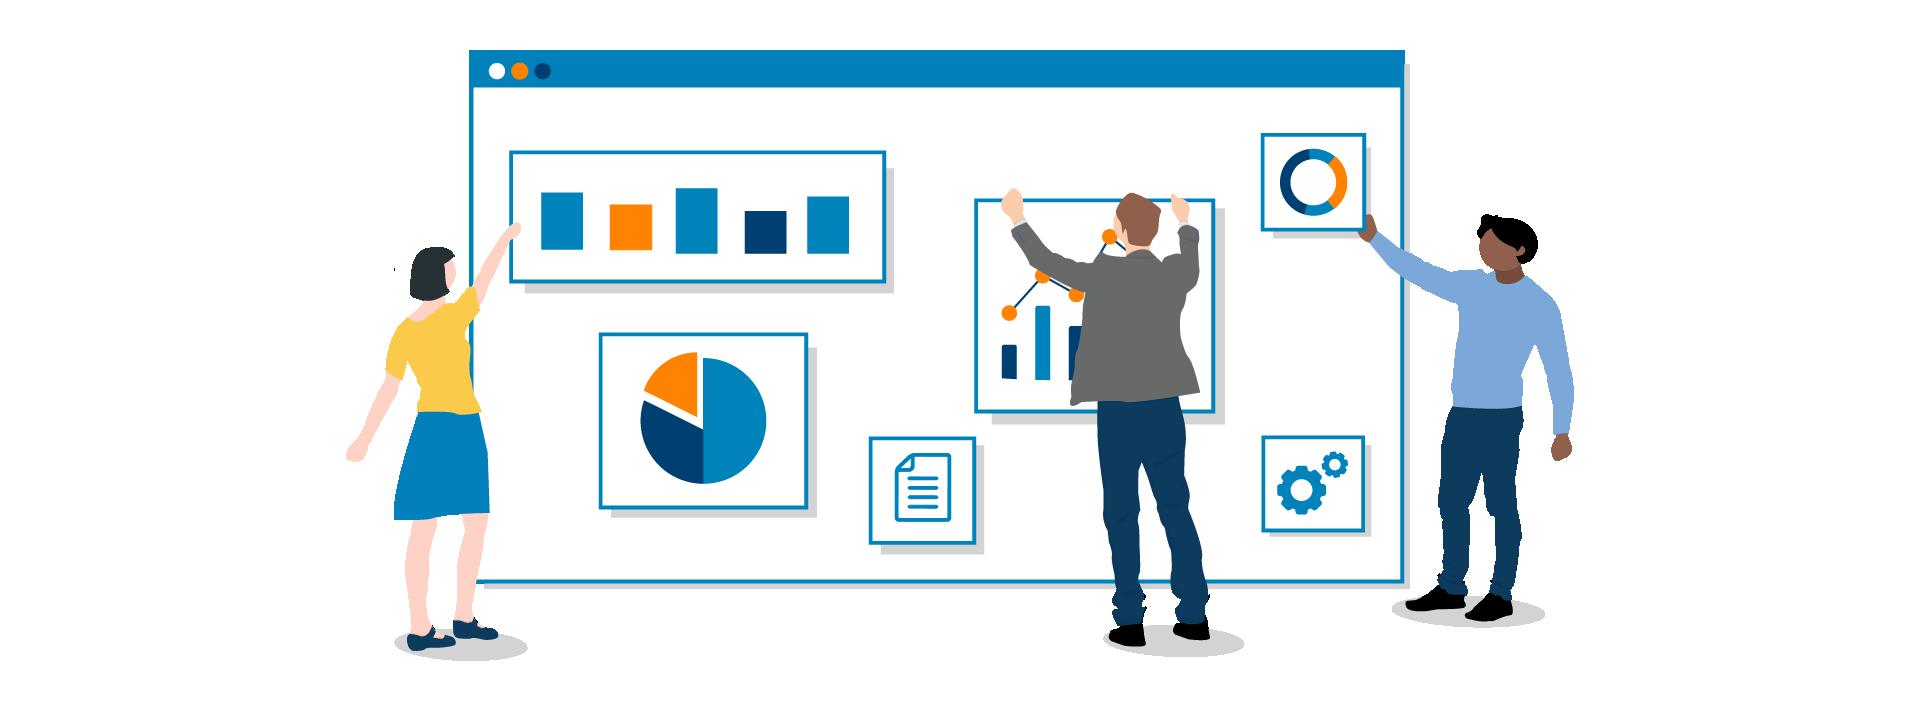 services-definieren-und-analysieren